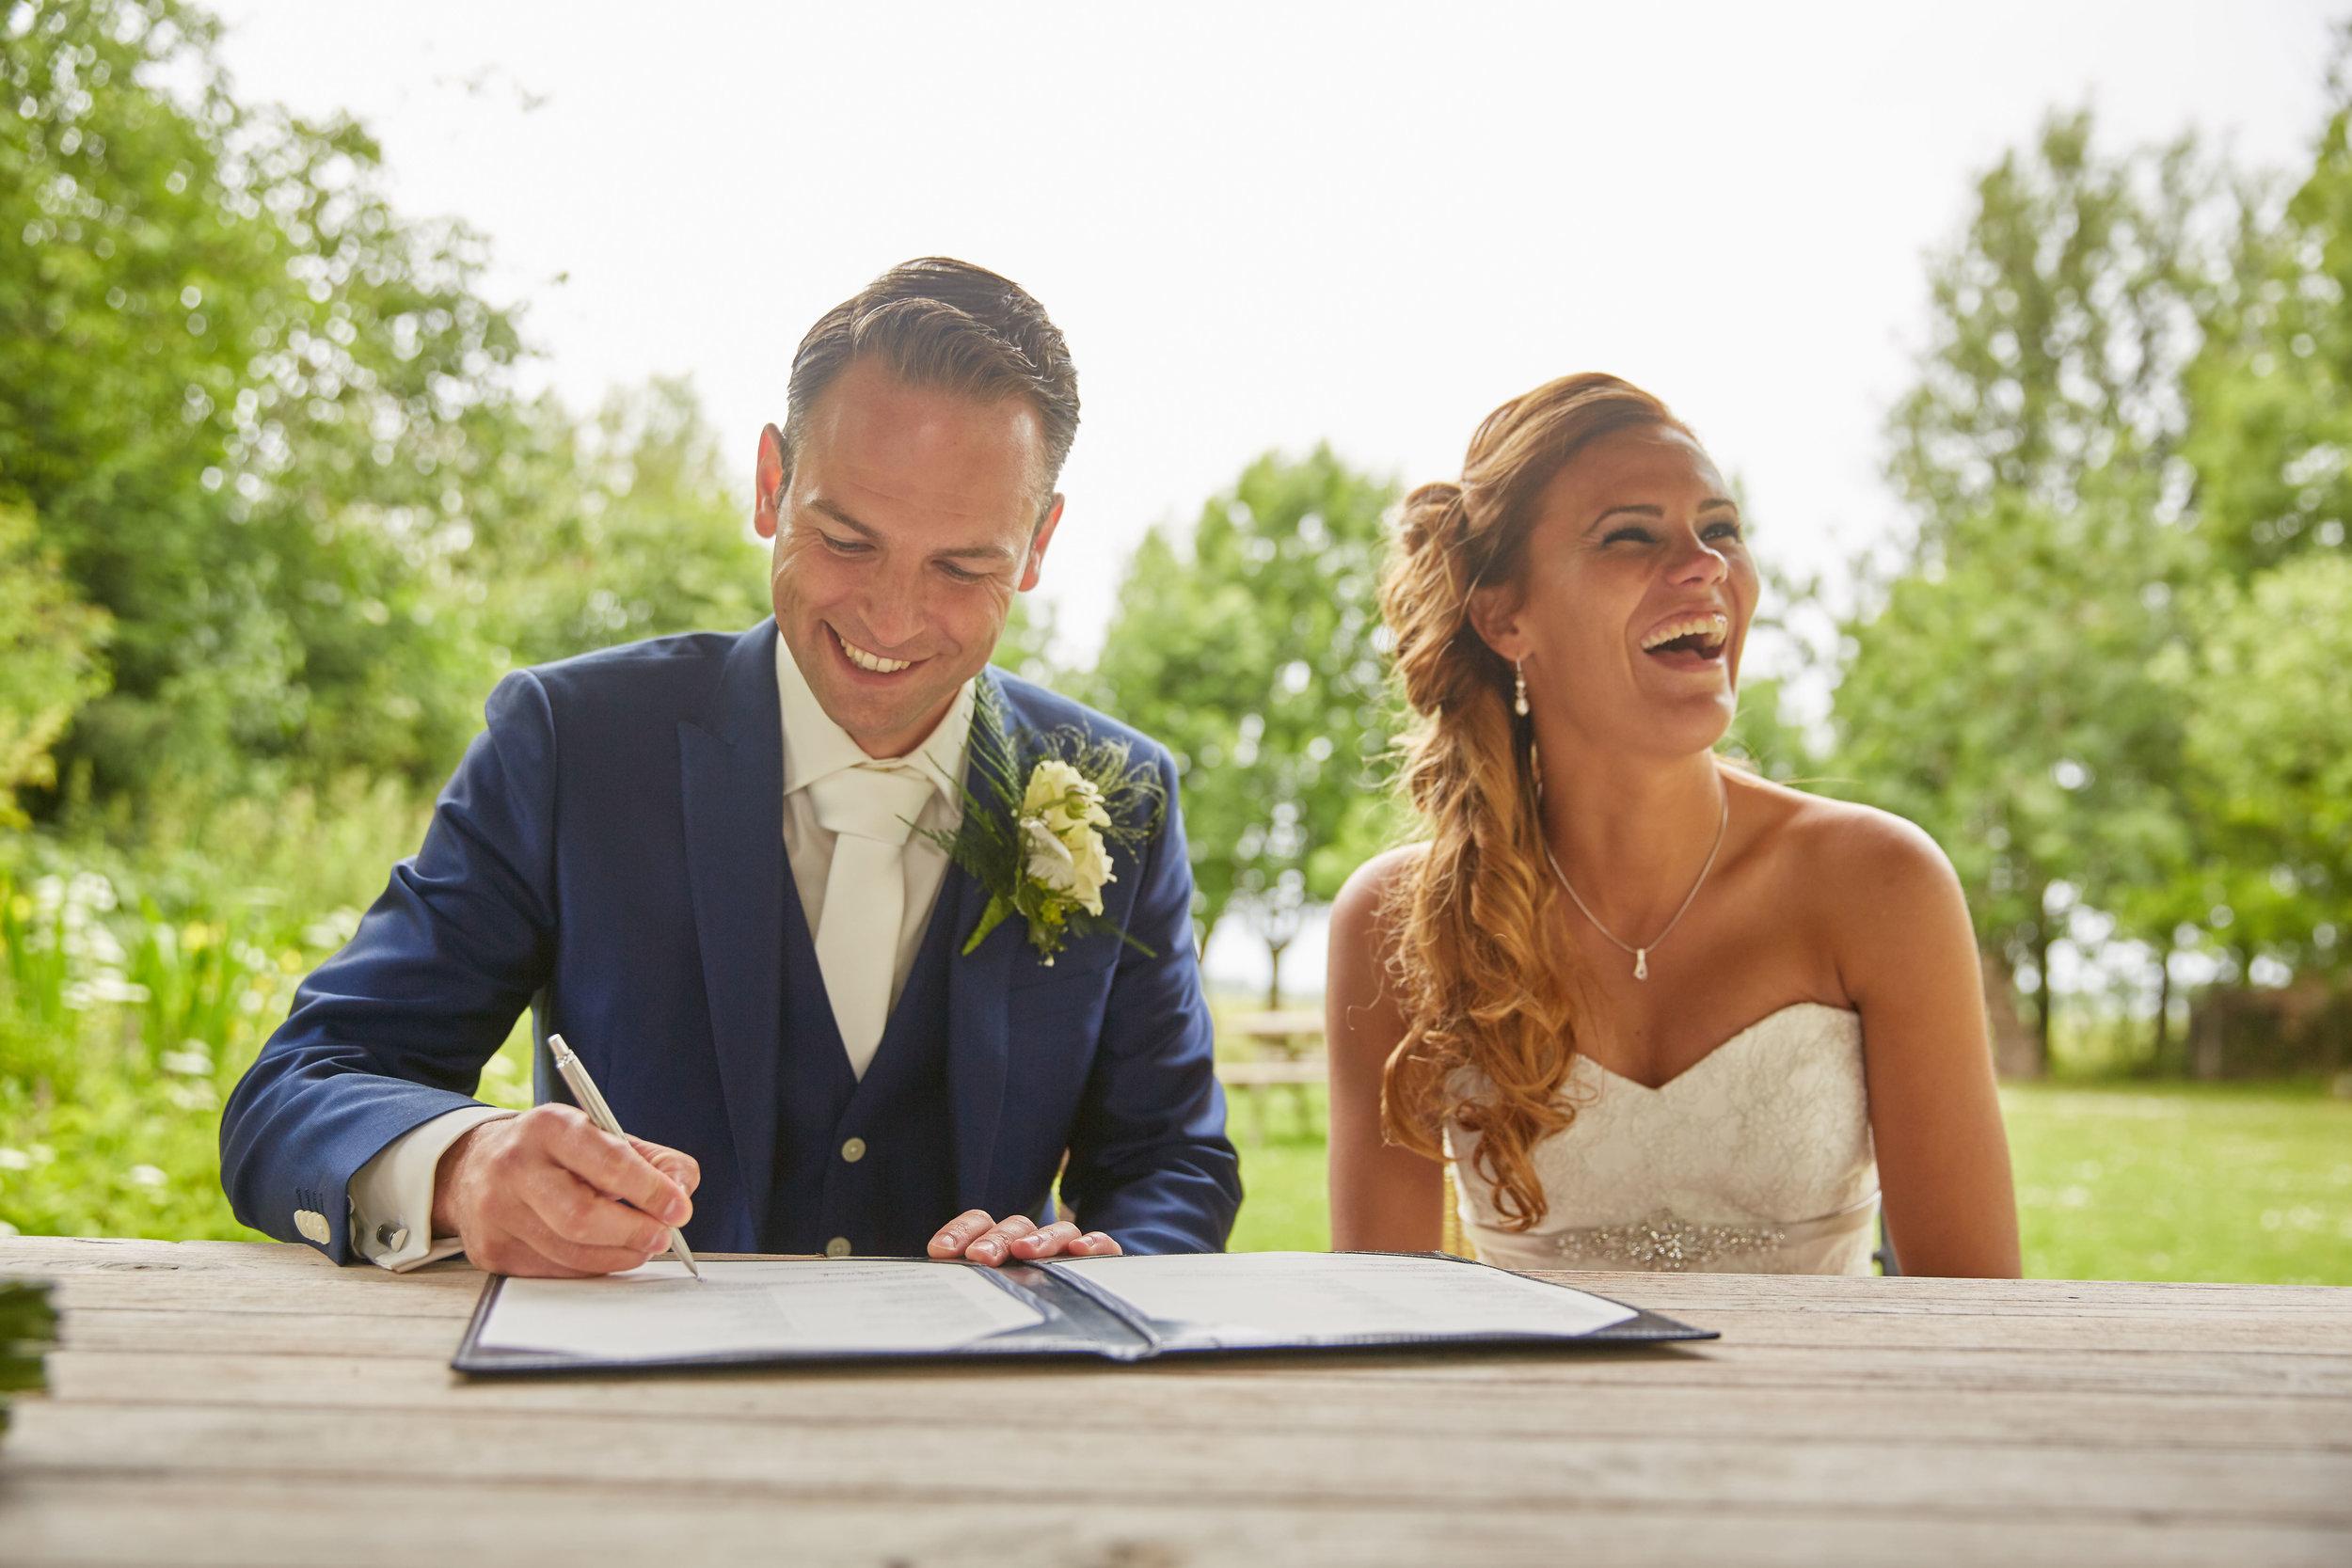 trouwshoot-bruidsfotografie-trouwfoto-feestfotografie-Trudy-Ron-59.jpg